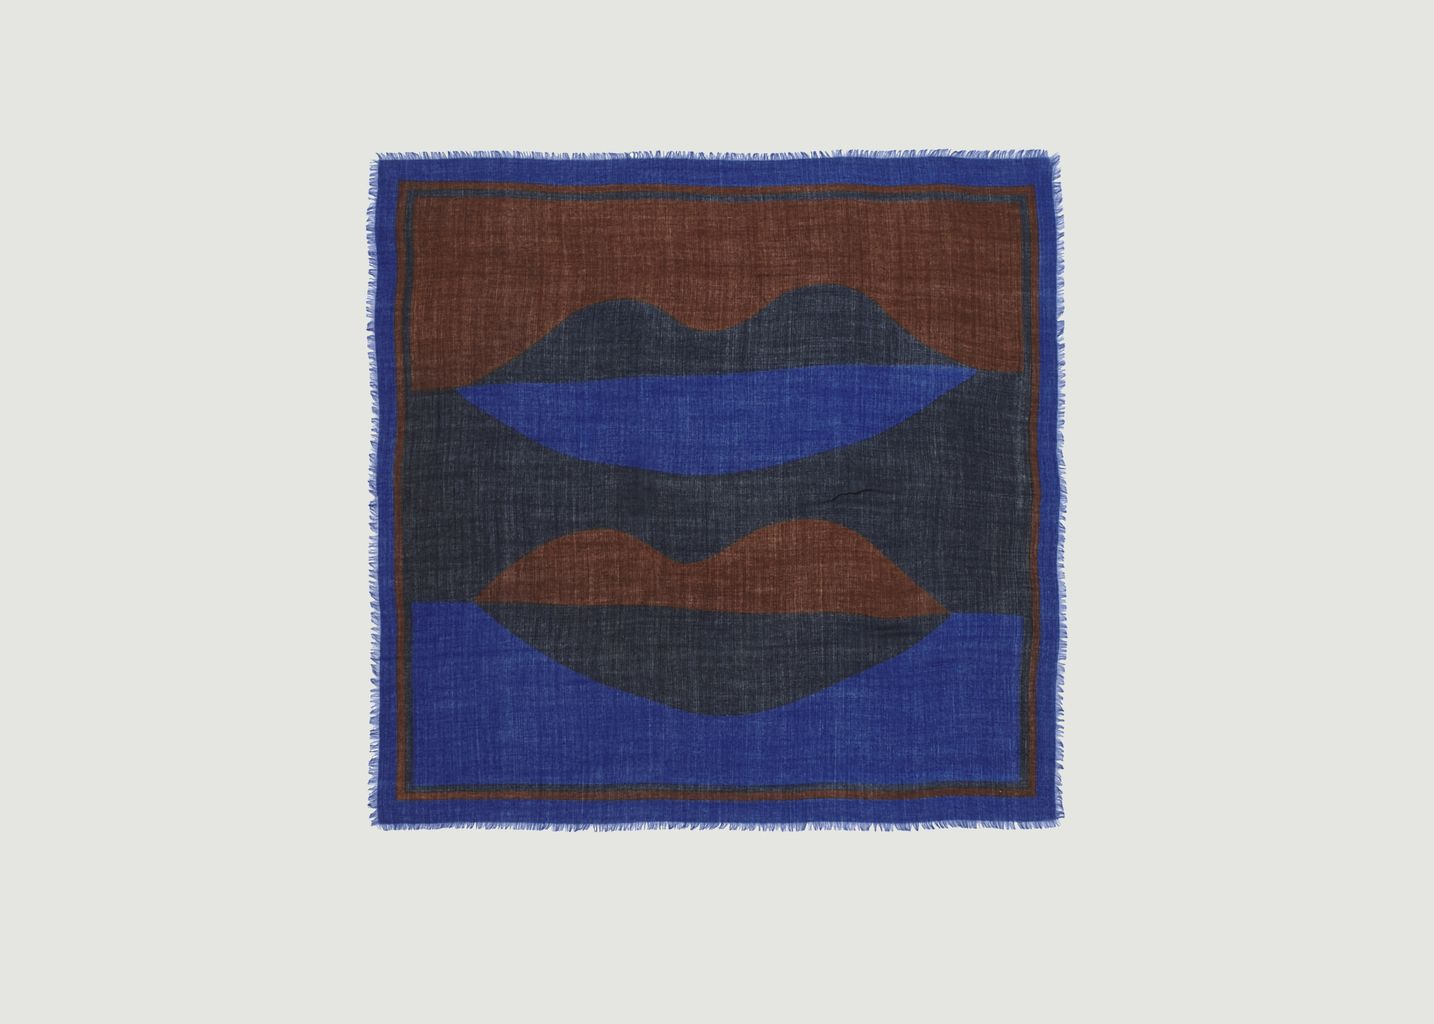 Foulard carré en laine imprimé N°445 - Moismont